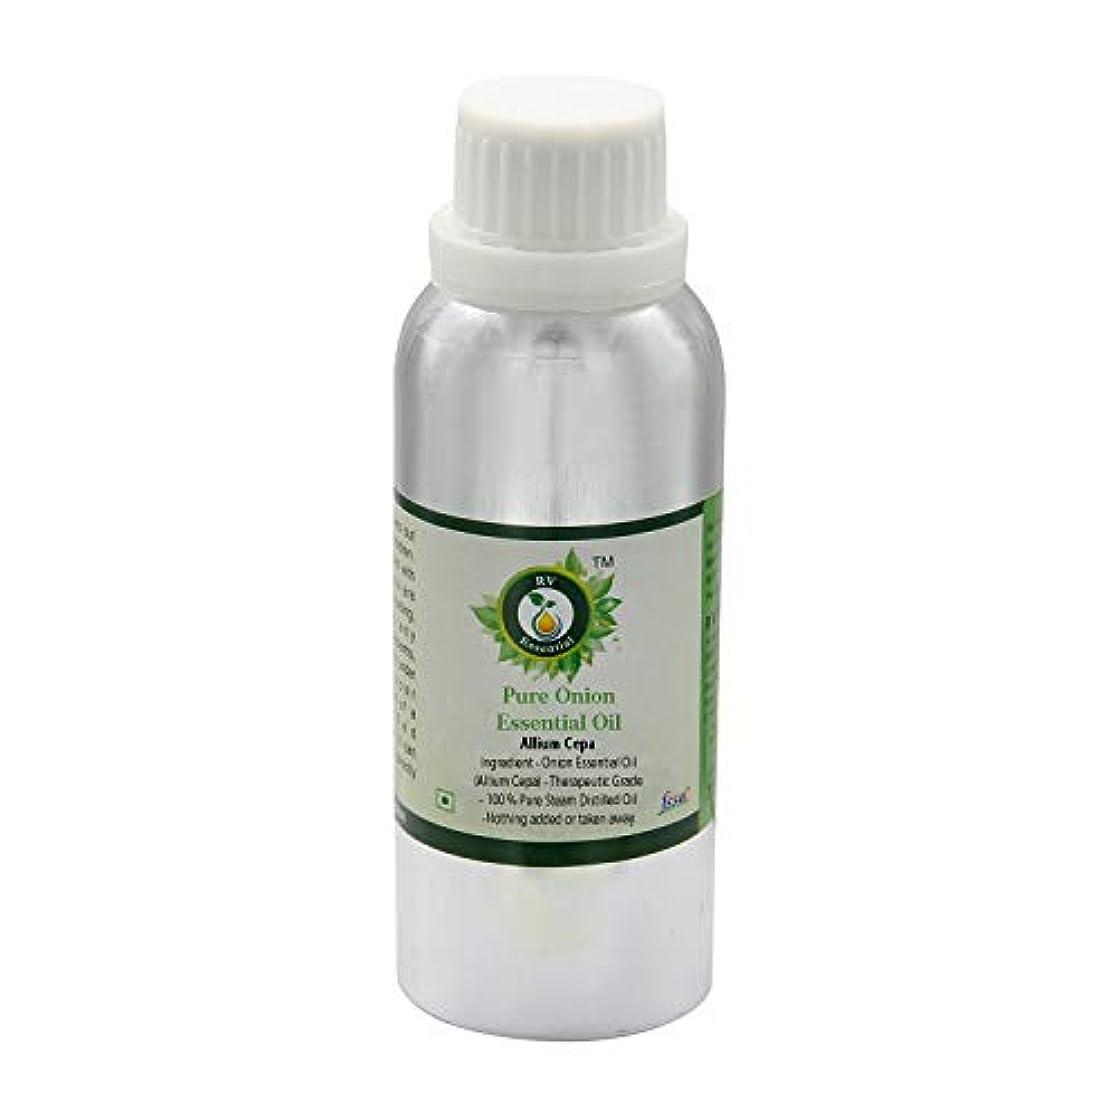 アーティストかどうかなめるピュアエッセンシャルオイルオニオン630ml (21oz)- Allium Cepa (100%純粋&天然スチームDistilled) Pure Onion Essential Oil